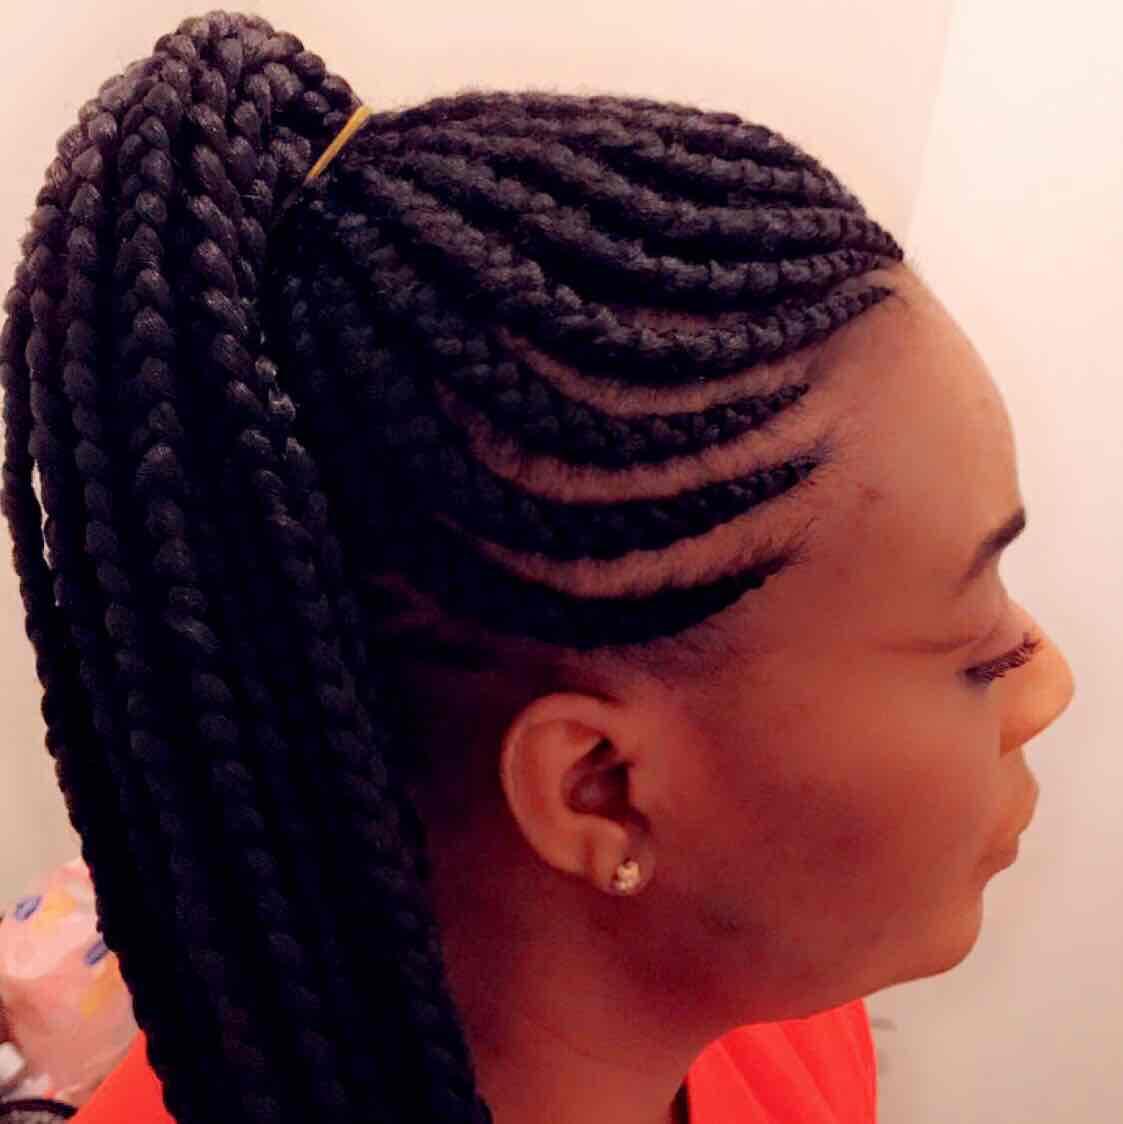 salon de coiffure afro tresse tresses box braids crochet braids vanilles tissages paris 75 77 78 91 92 93 94 95 PYFXNGGD